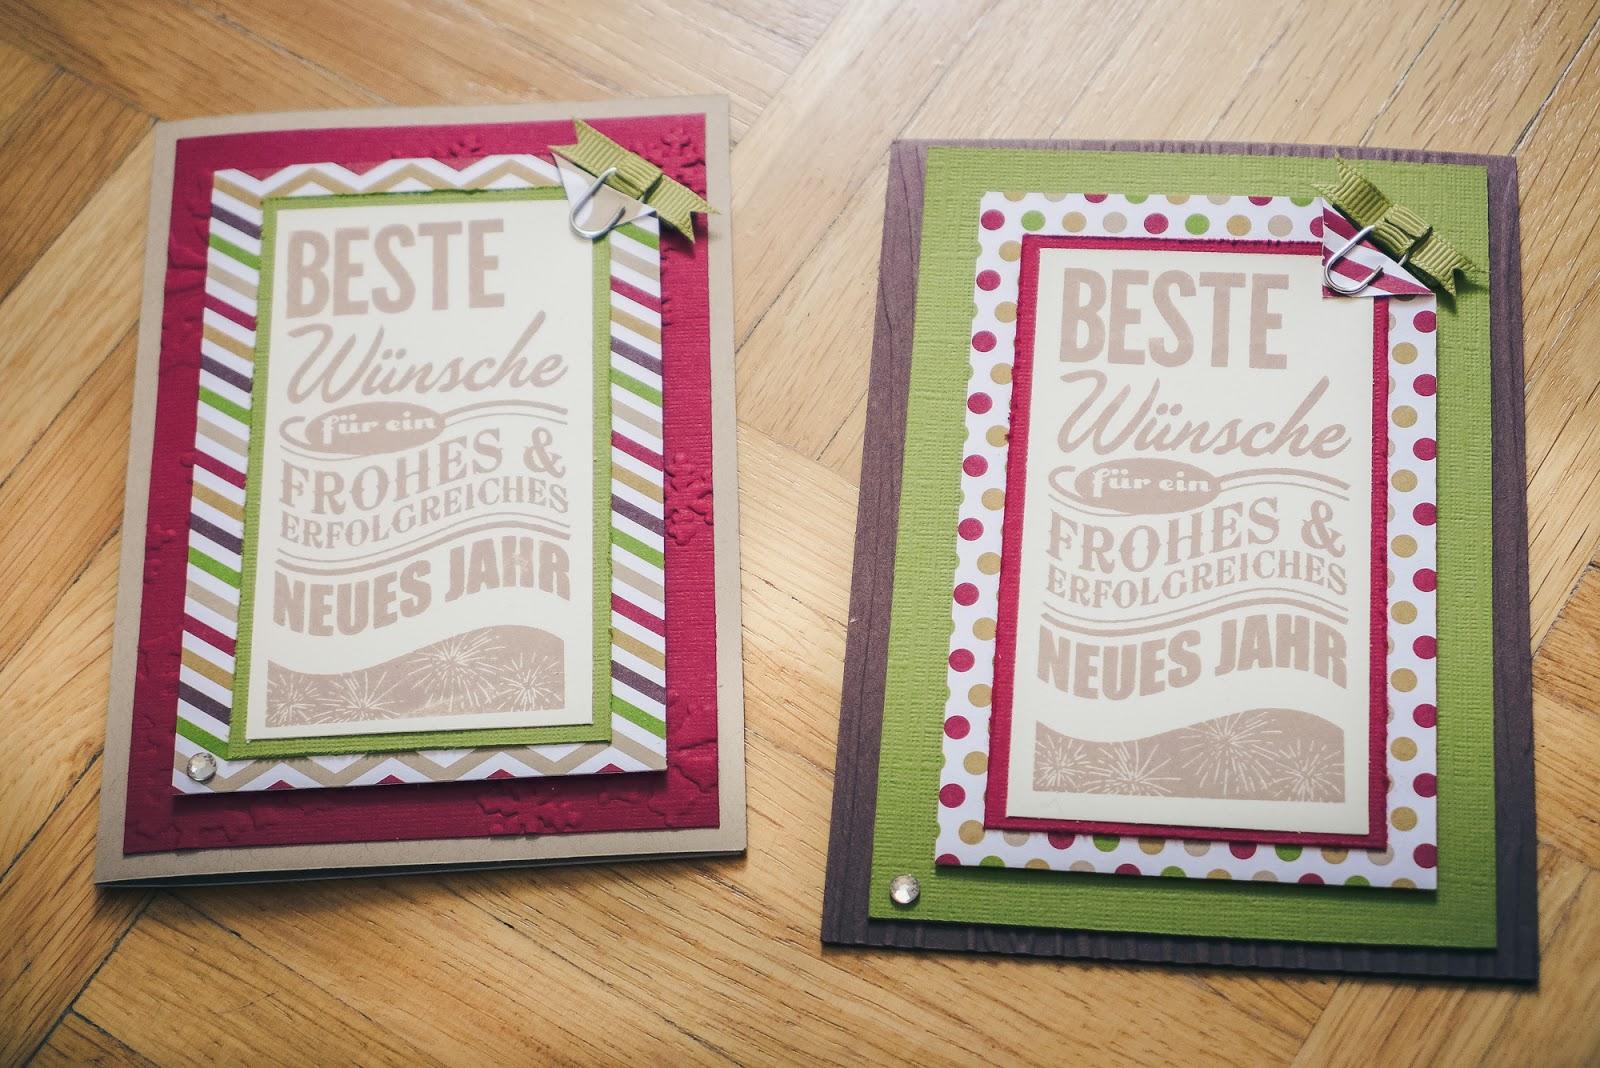 meine bunte welt selbstgebastelte weihnachtskarten verschicken. Black Bedroom Furniture Sets. Home Design Ideas